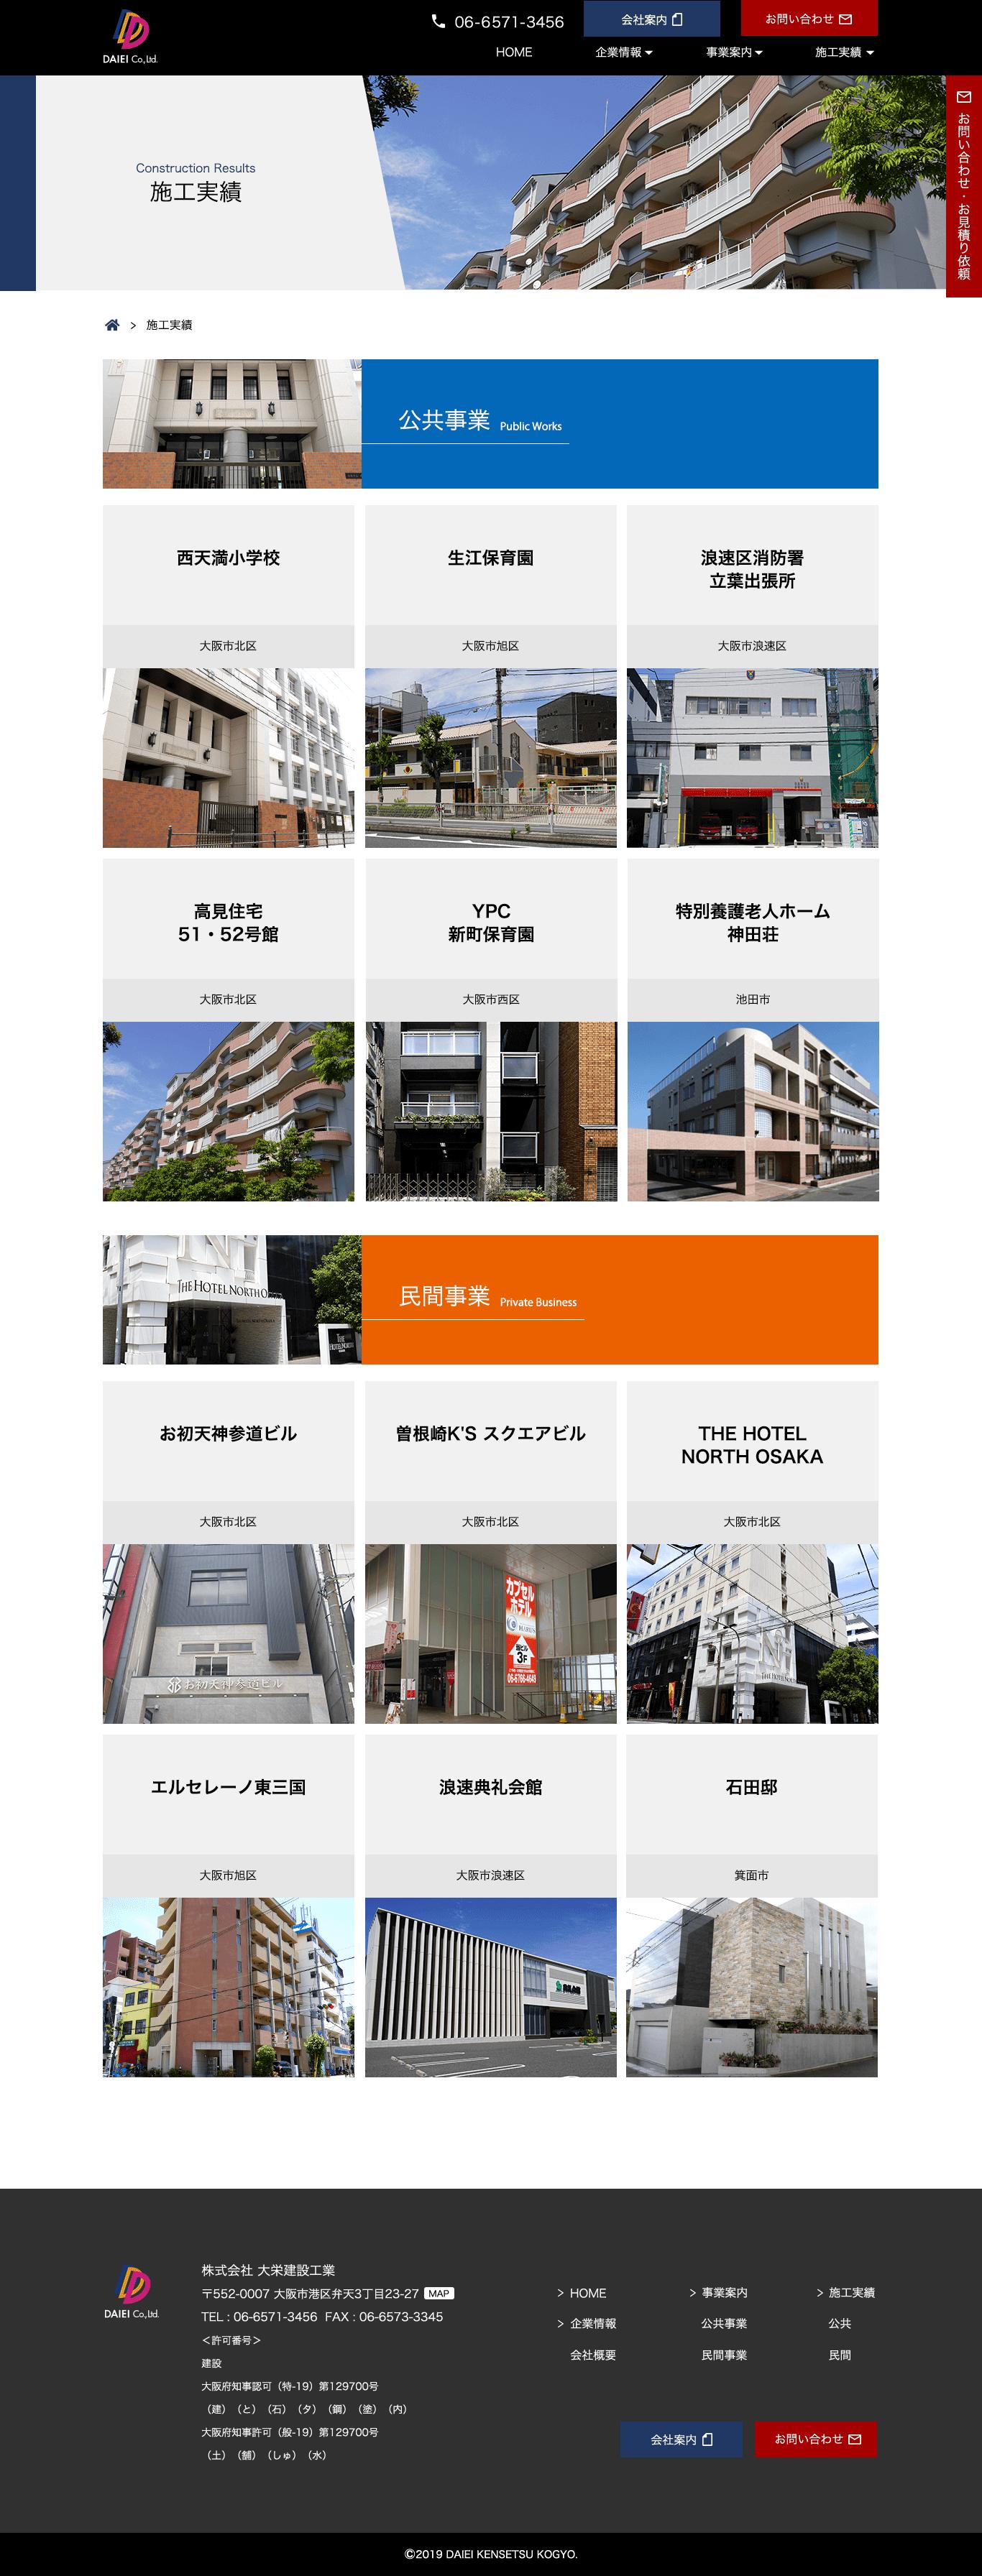 株式会社大栄建設様ホームページ